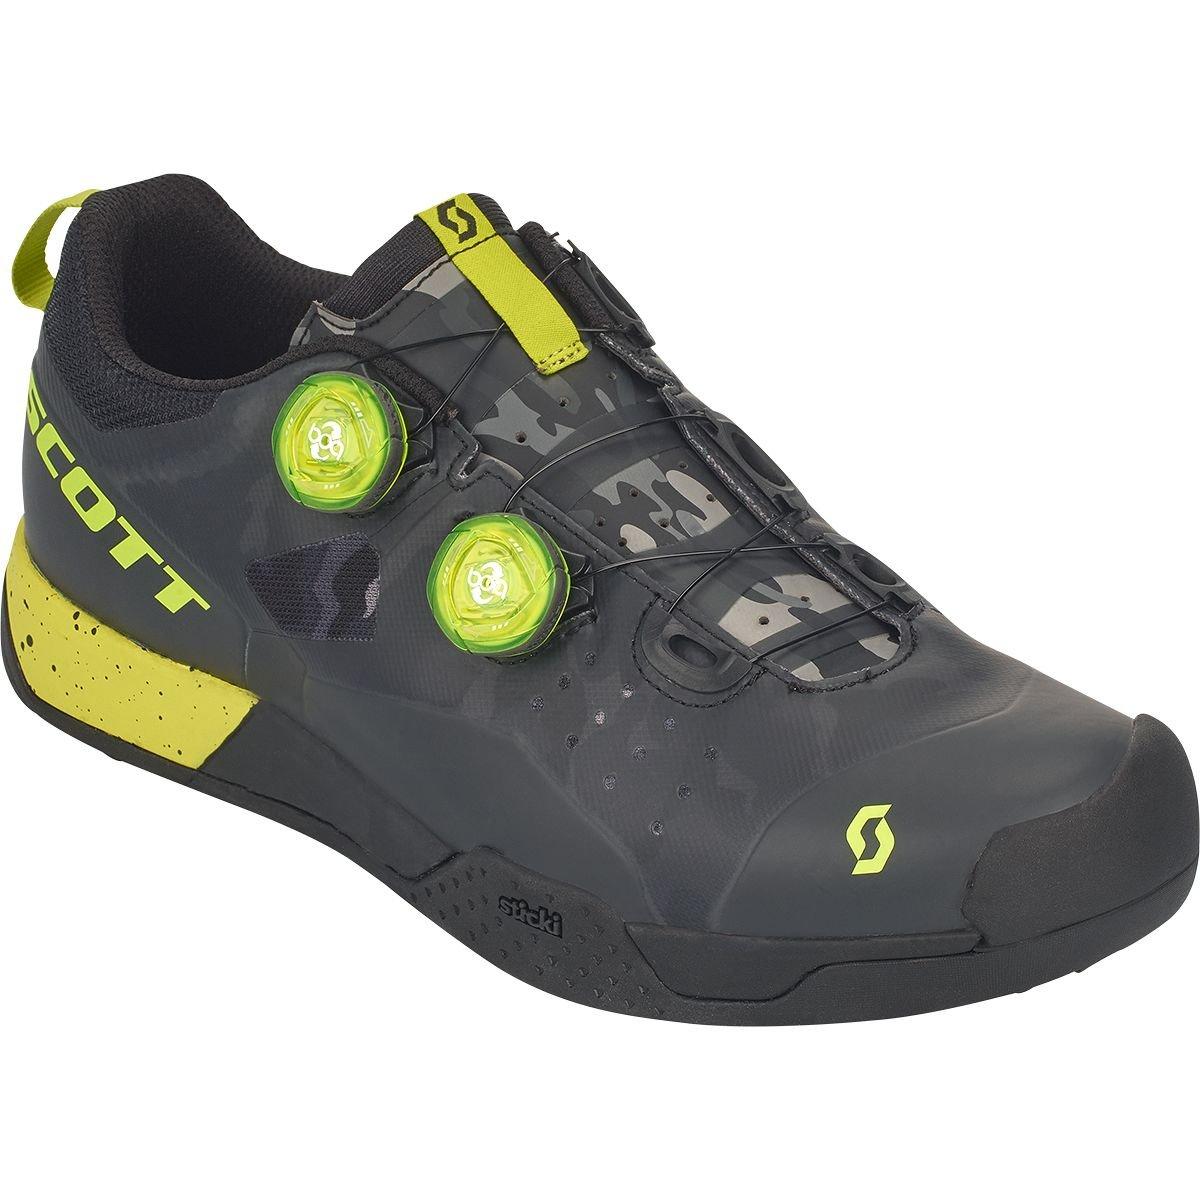 スコットMTB AR BoaクリップShoe – Men 's Black / Sulphur Yellow、40.0   B07B4DBD3D